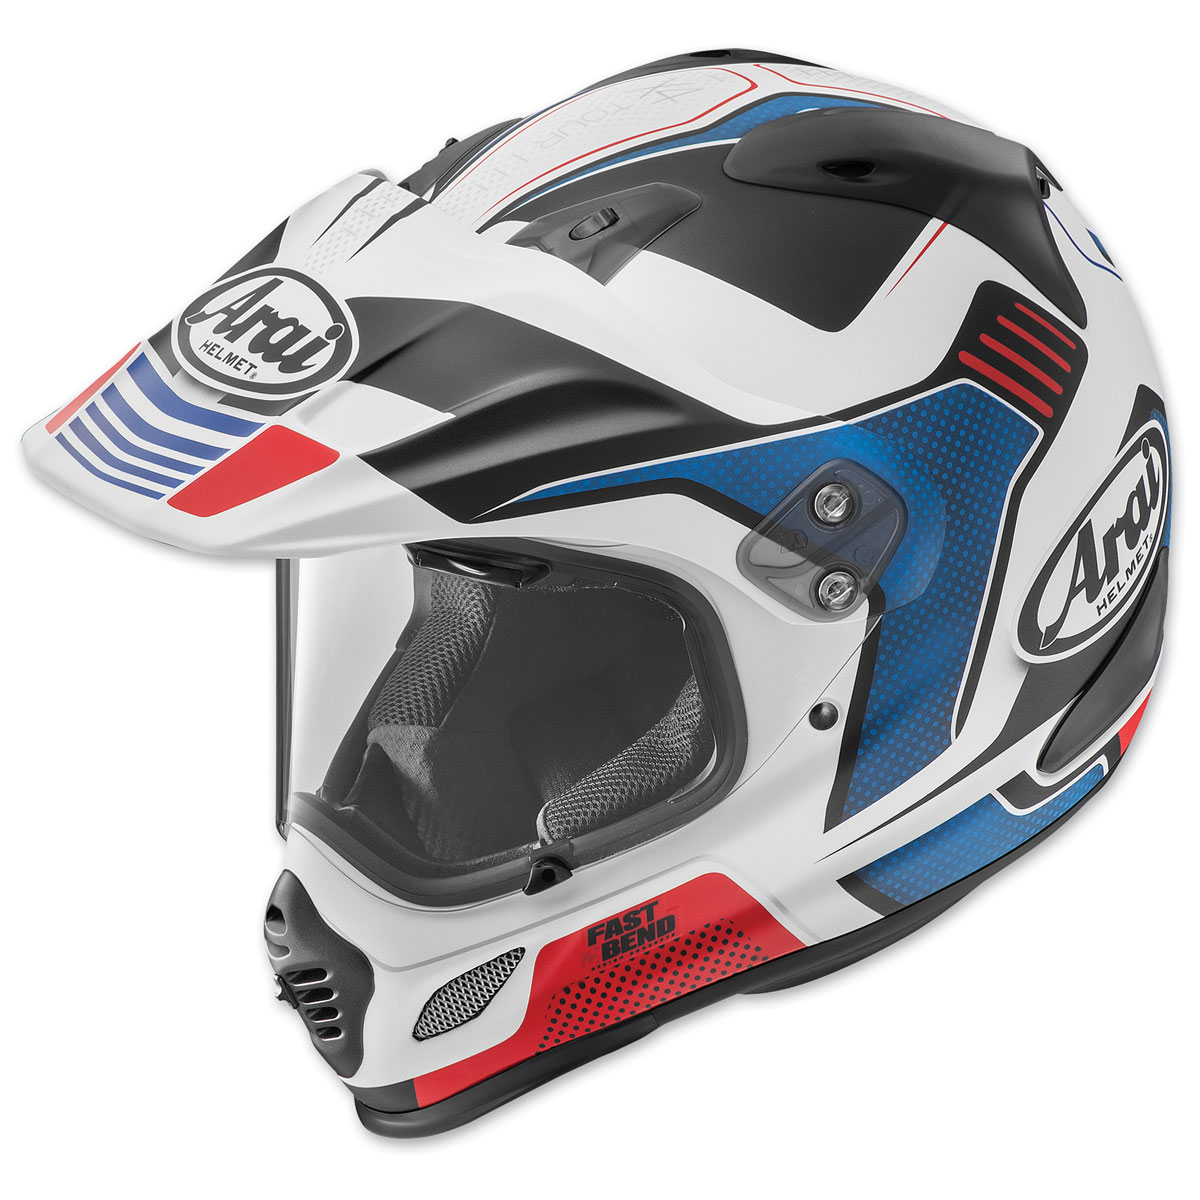 f37293f2 Arai XD4 Vision Red Frost Dual Sport Helmet - 820440 | JPCycles.com